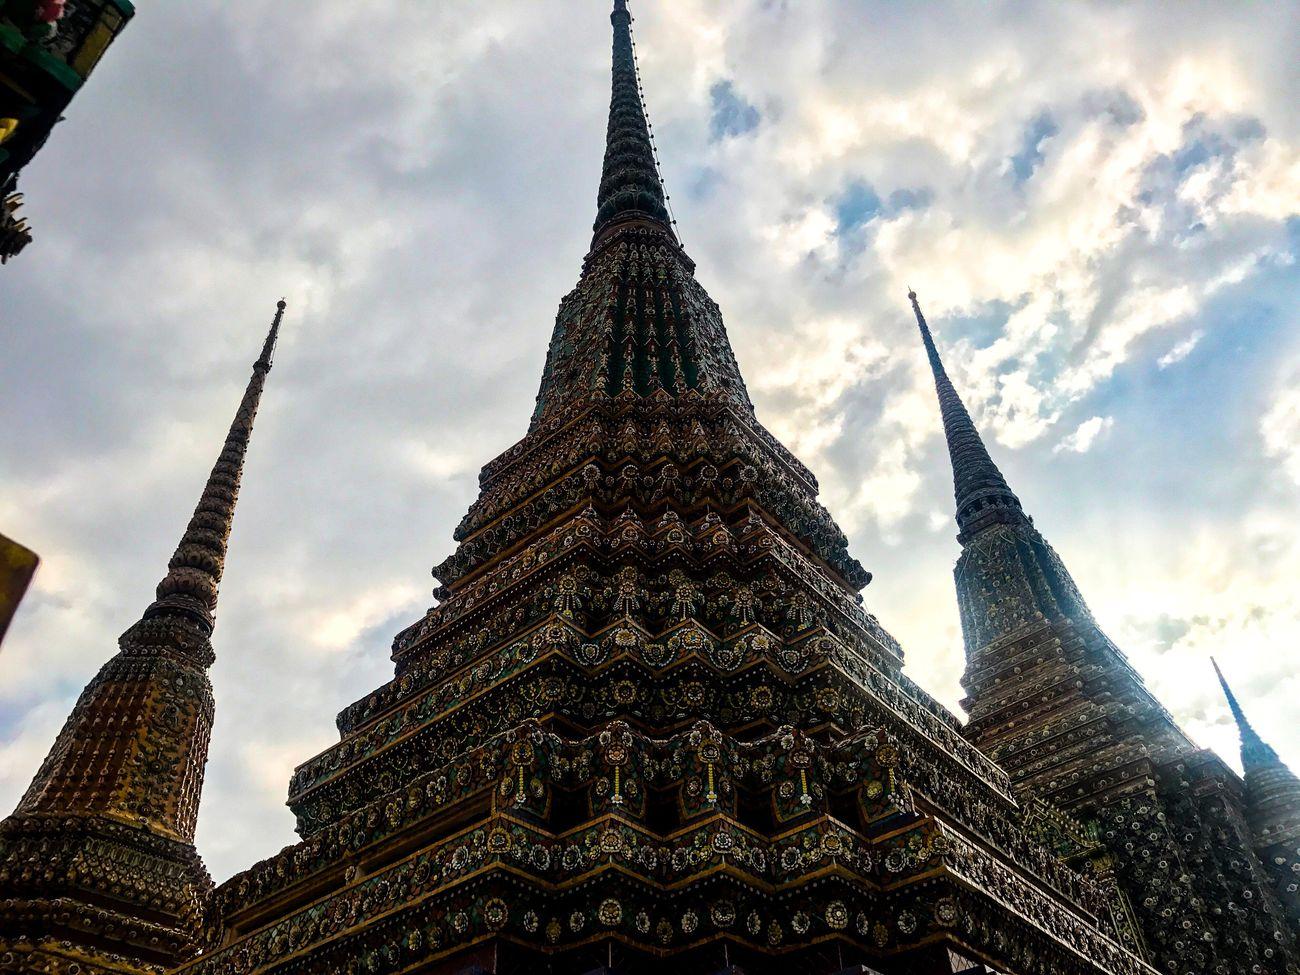 สามกษัตริย์ Architecture Religion Sky Cloud - Sky No People Lightroom EyeEm Thailand Lightroom Mobile IPhone7Plus Photo By IPhone7plus Wat Pho Taksina S. Bangkok Outdoors King King Of Thailand